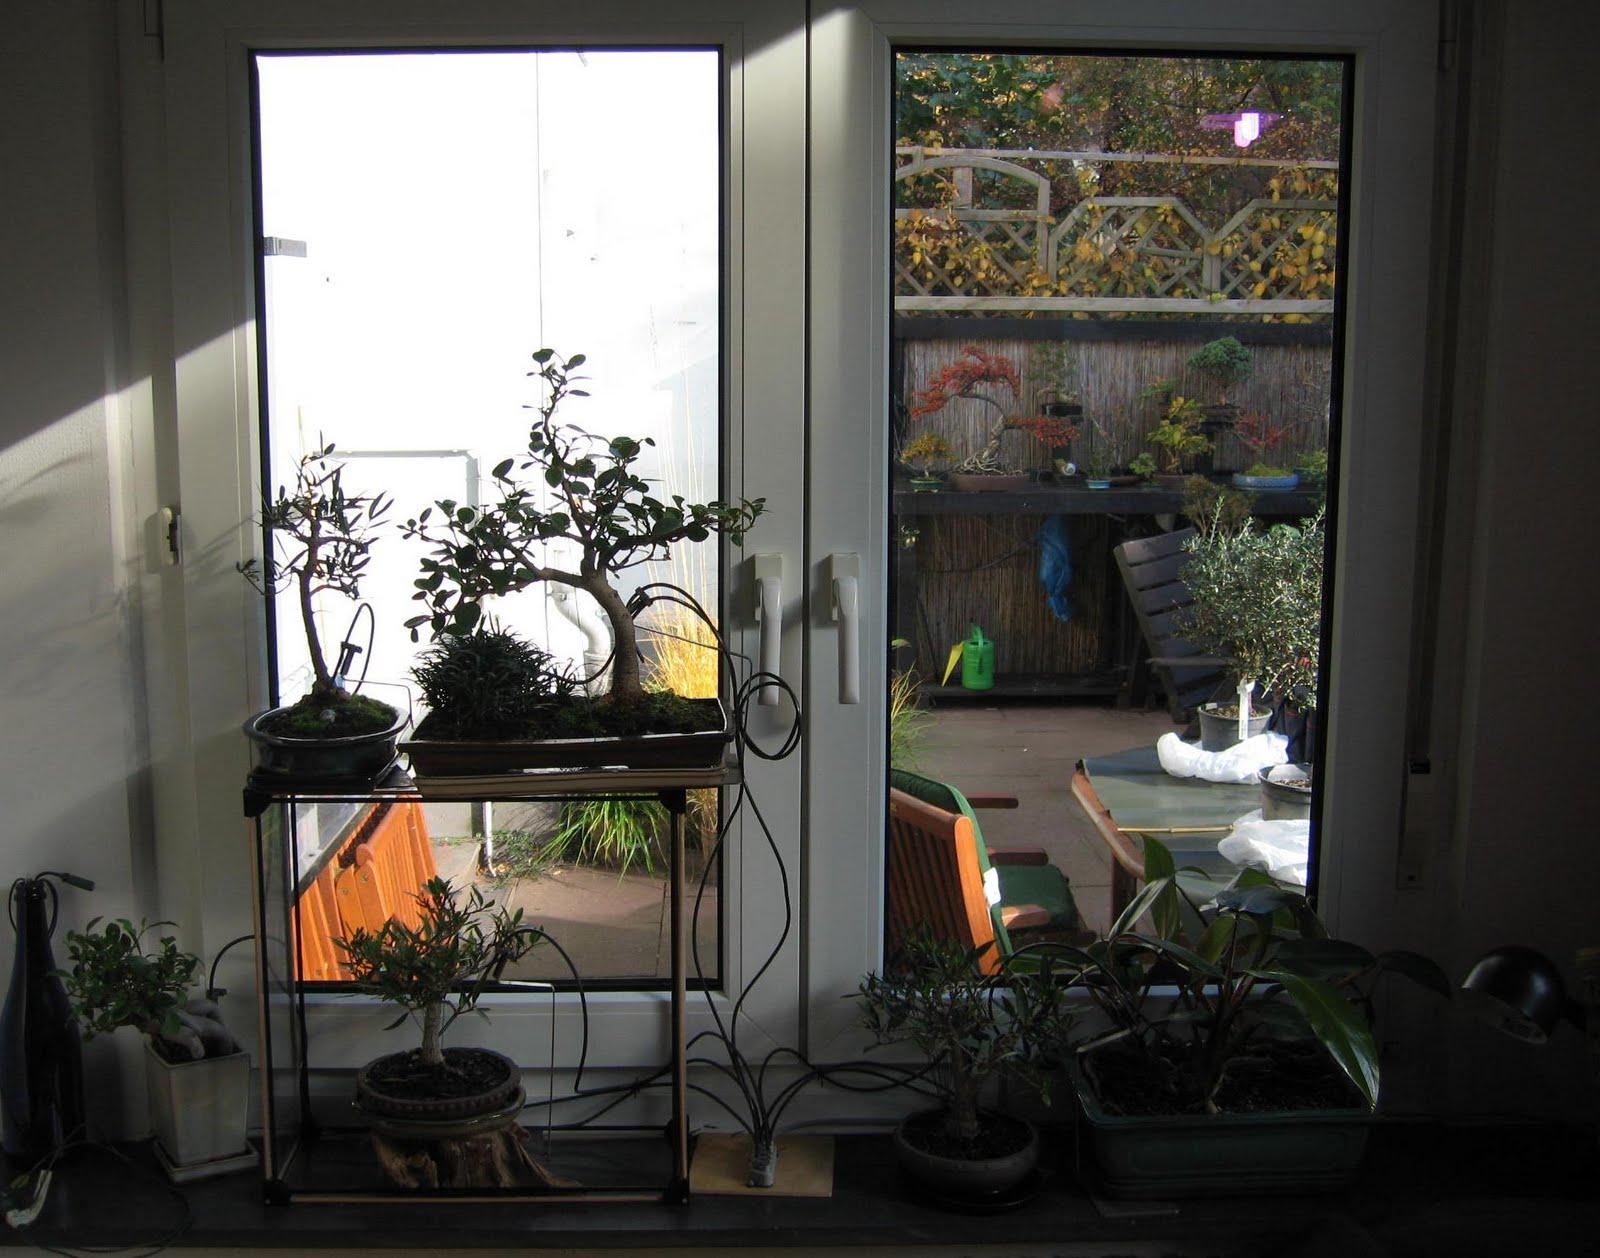 bonsai das sch nste hobby der welt mit bonsai leben indoor is in 2011. Black Bedroom Furniture Sets. Home Design Ideas